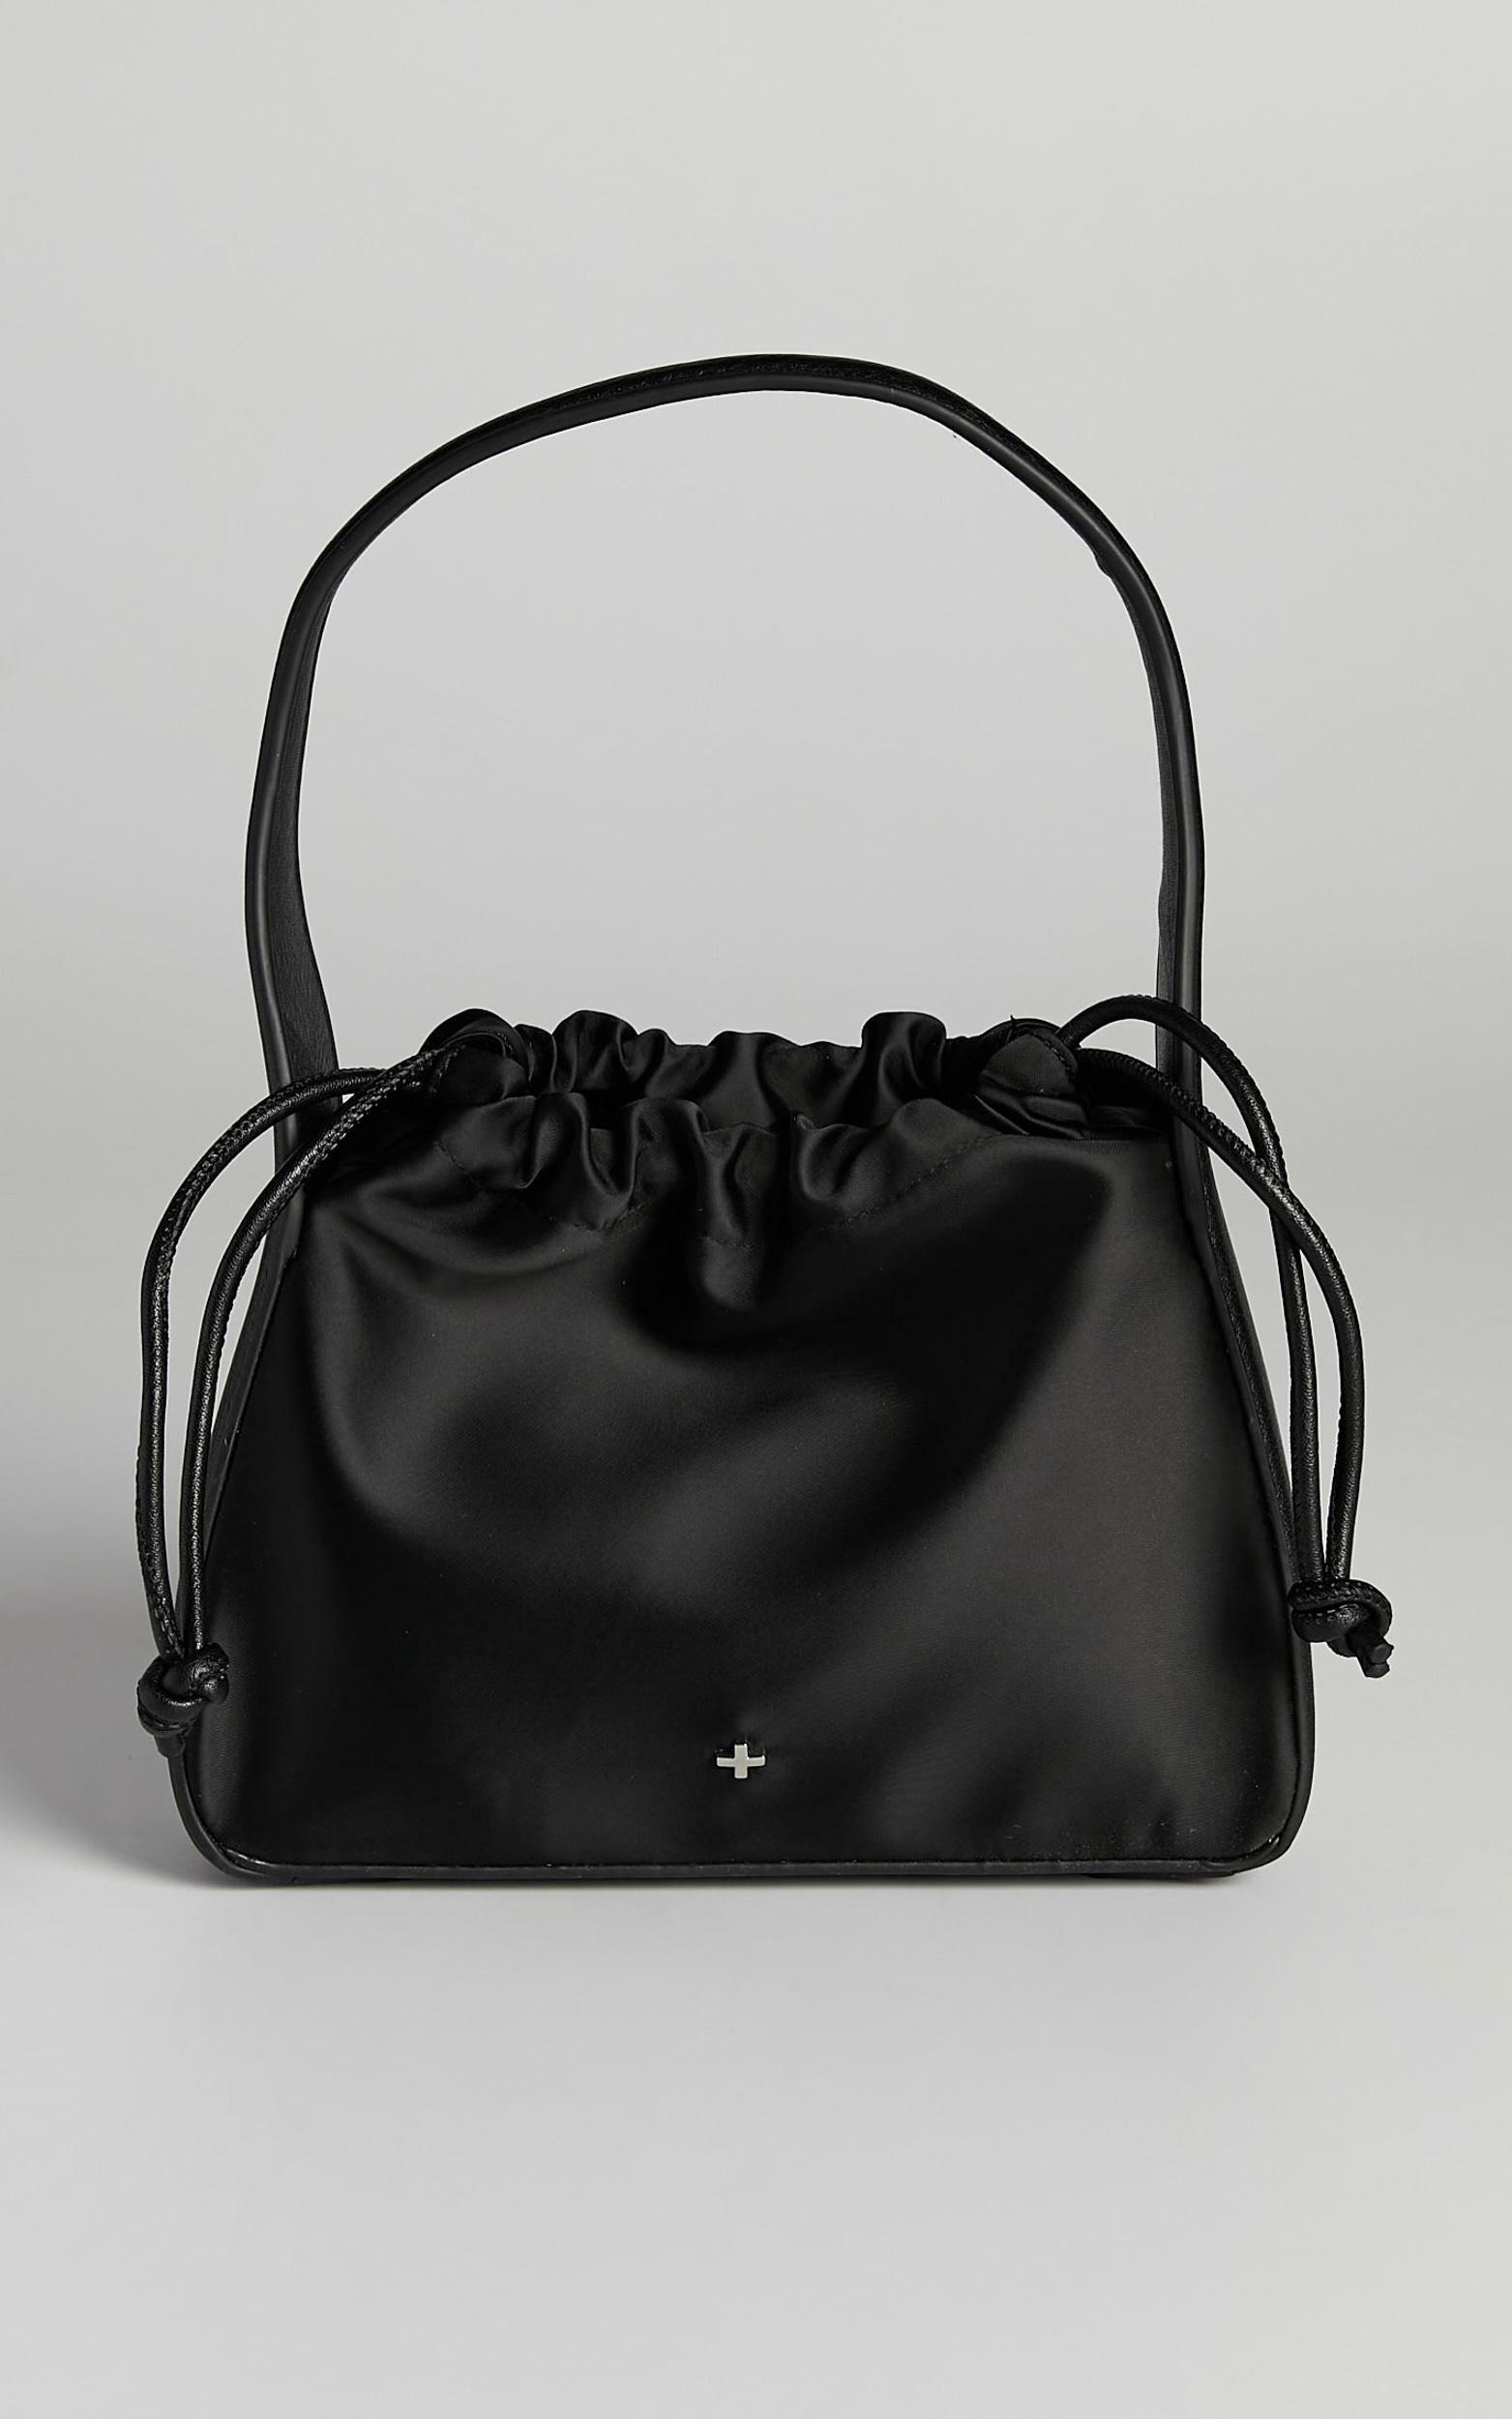 Peta and Jain - Ascot Bag in Black Satin, , hi-res image number null